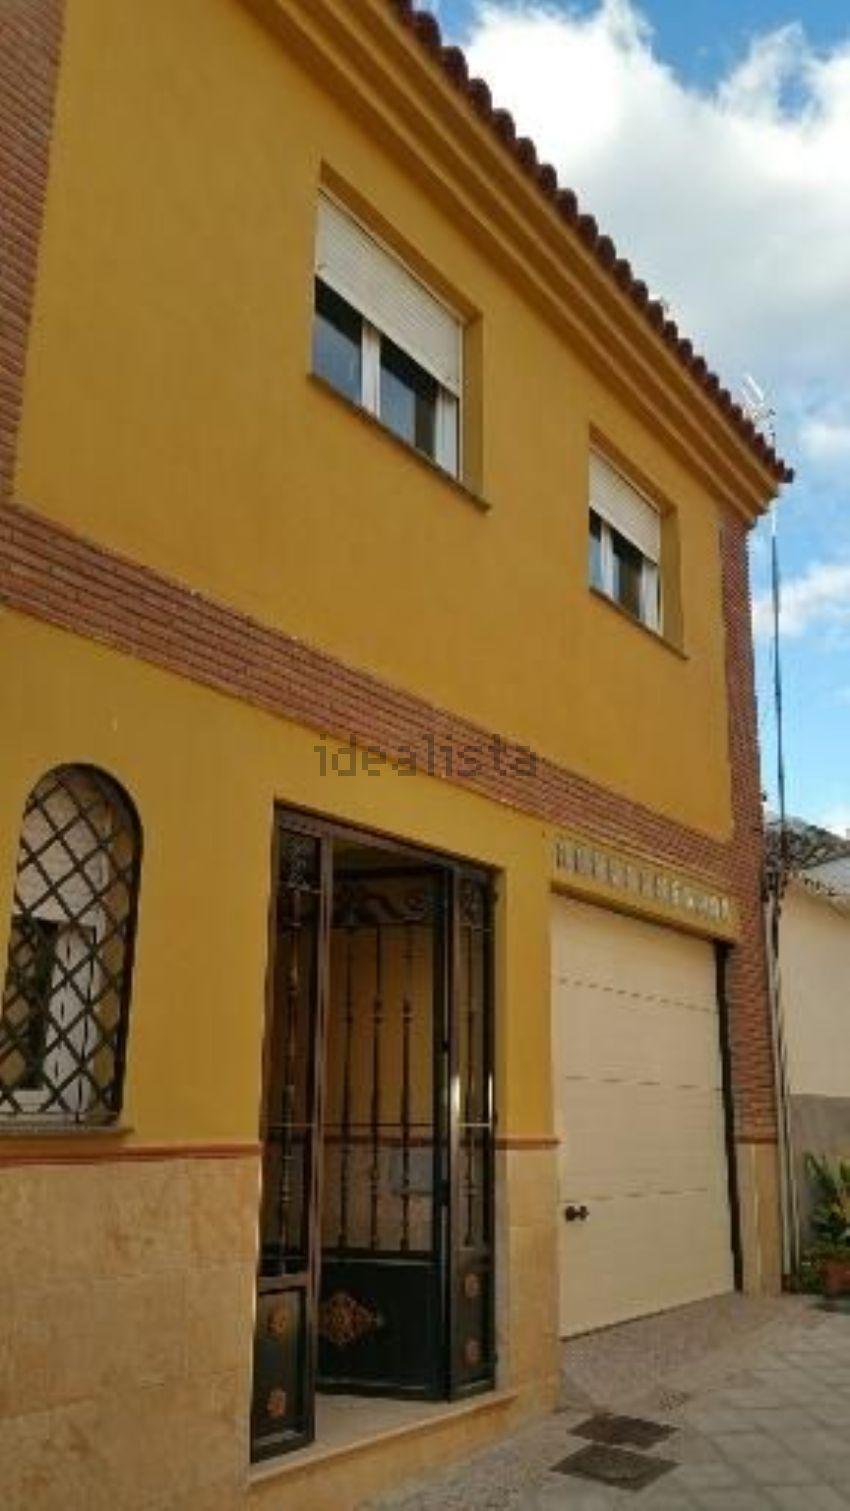 Chalet en Barrio de los Periodistas, Granada